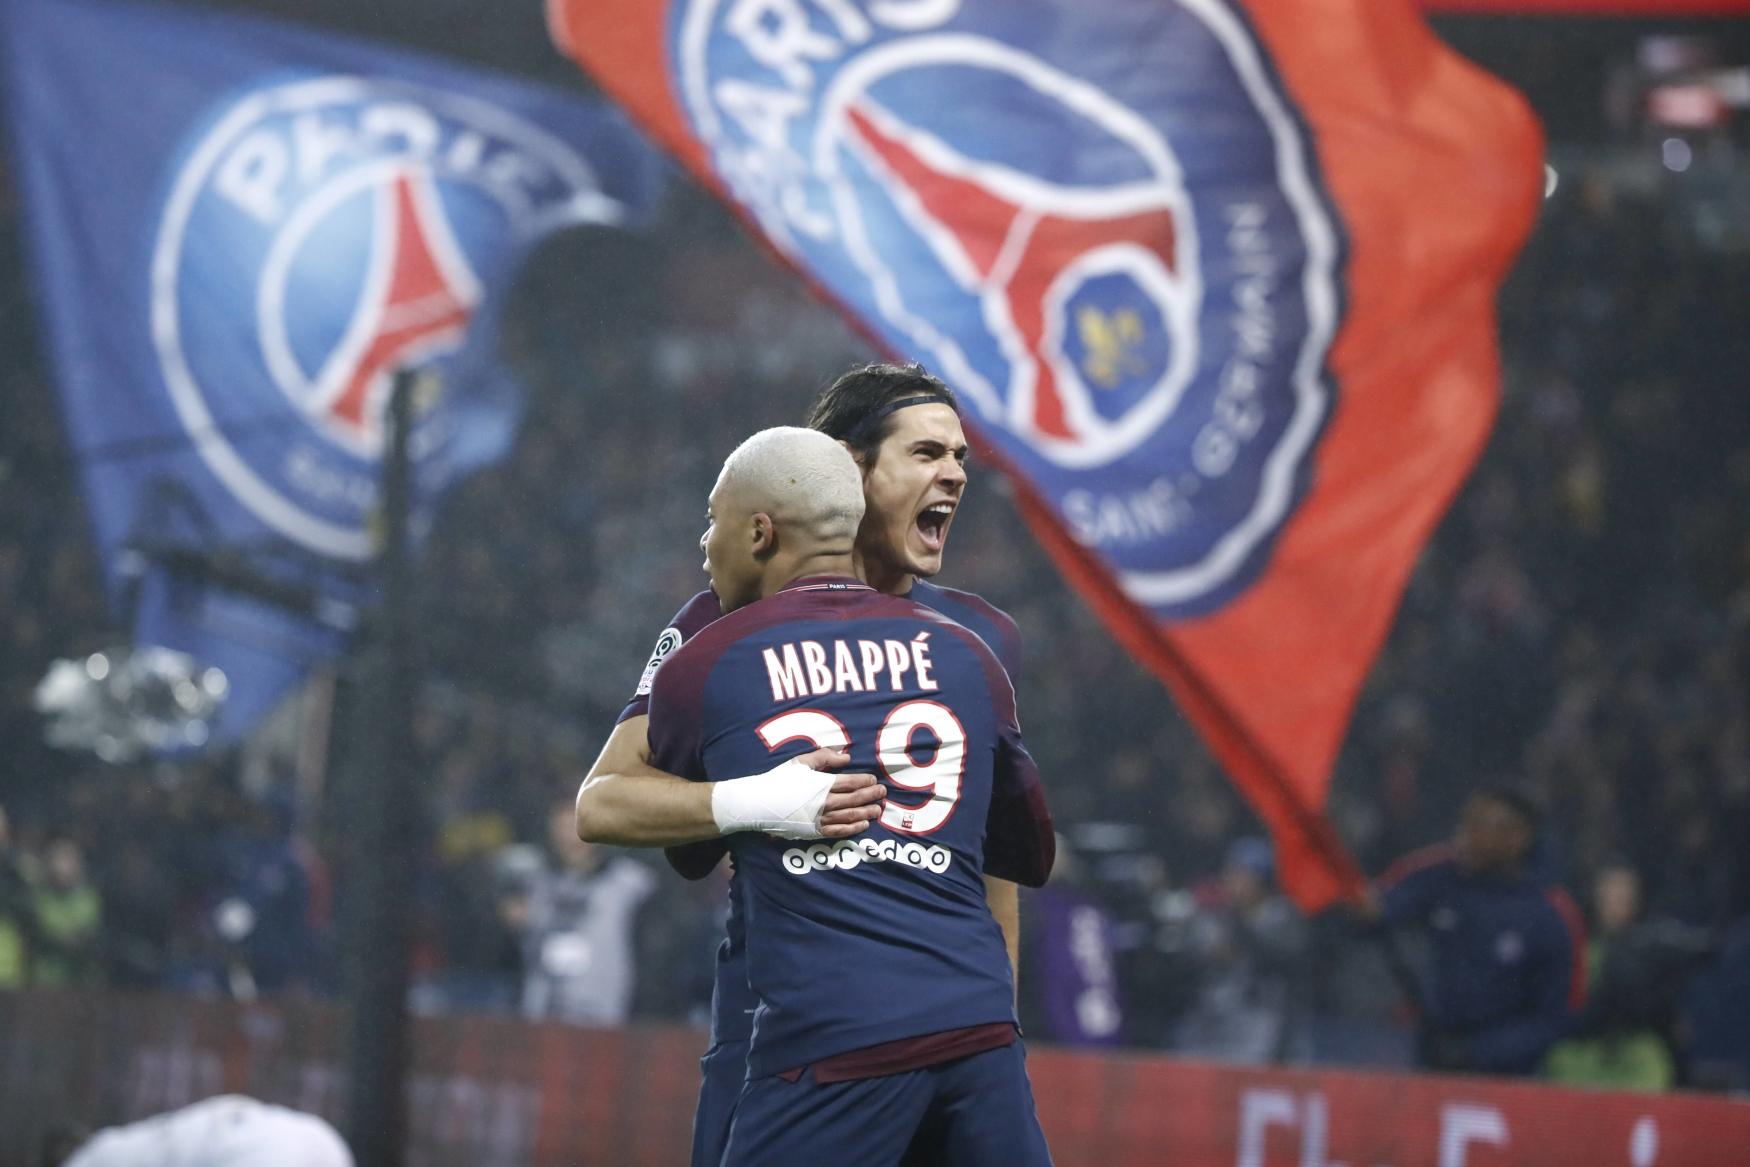 PREVIEW - 24. kolo francouzské Ligue 1